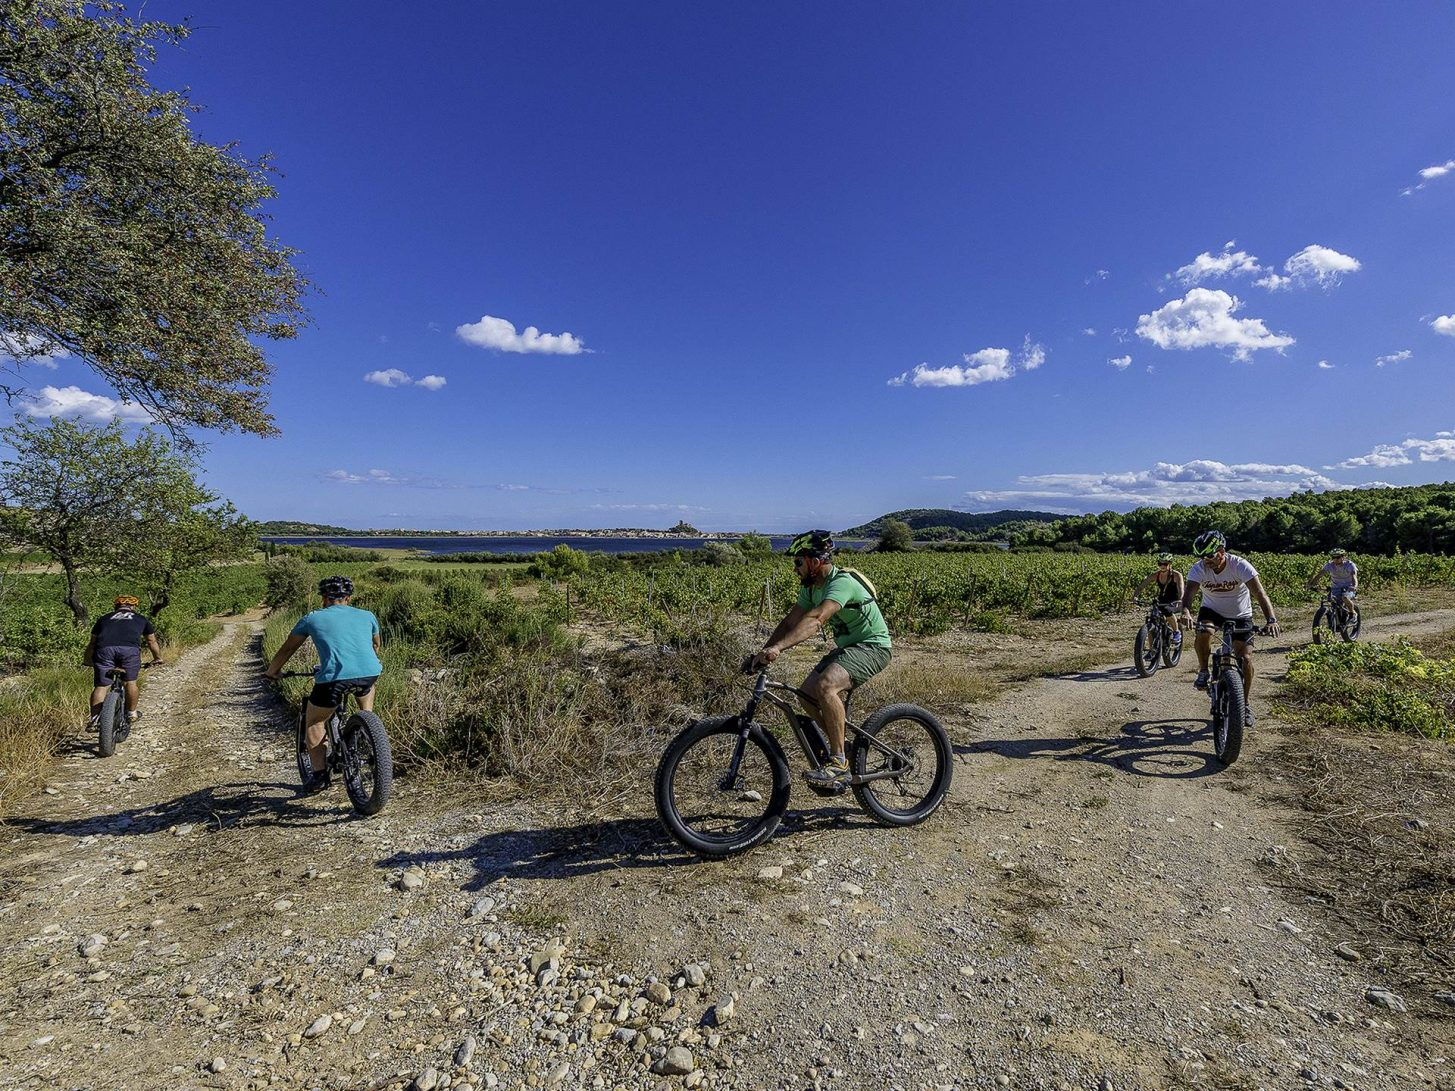 randonnée VTT entre amis à Gruissan ©Philippe Calamel- Office de Tourisme Gruissan